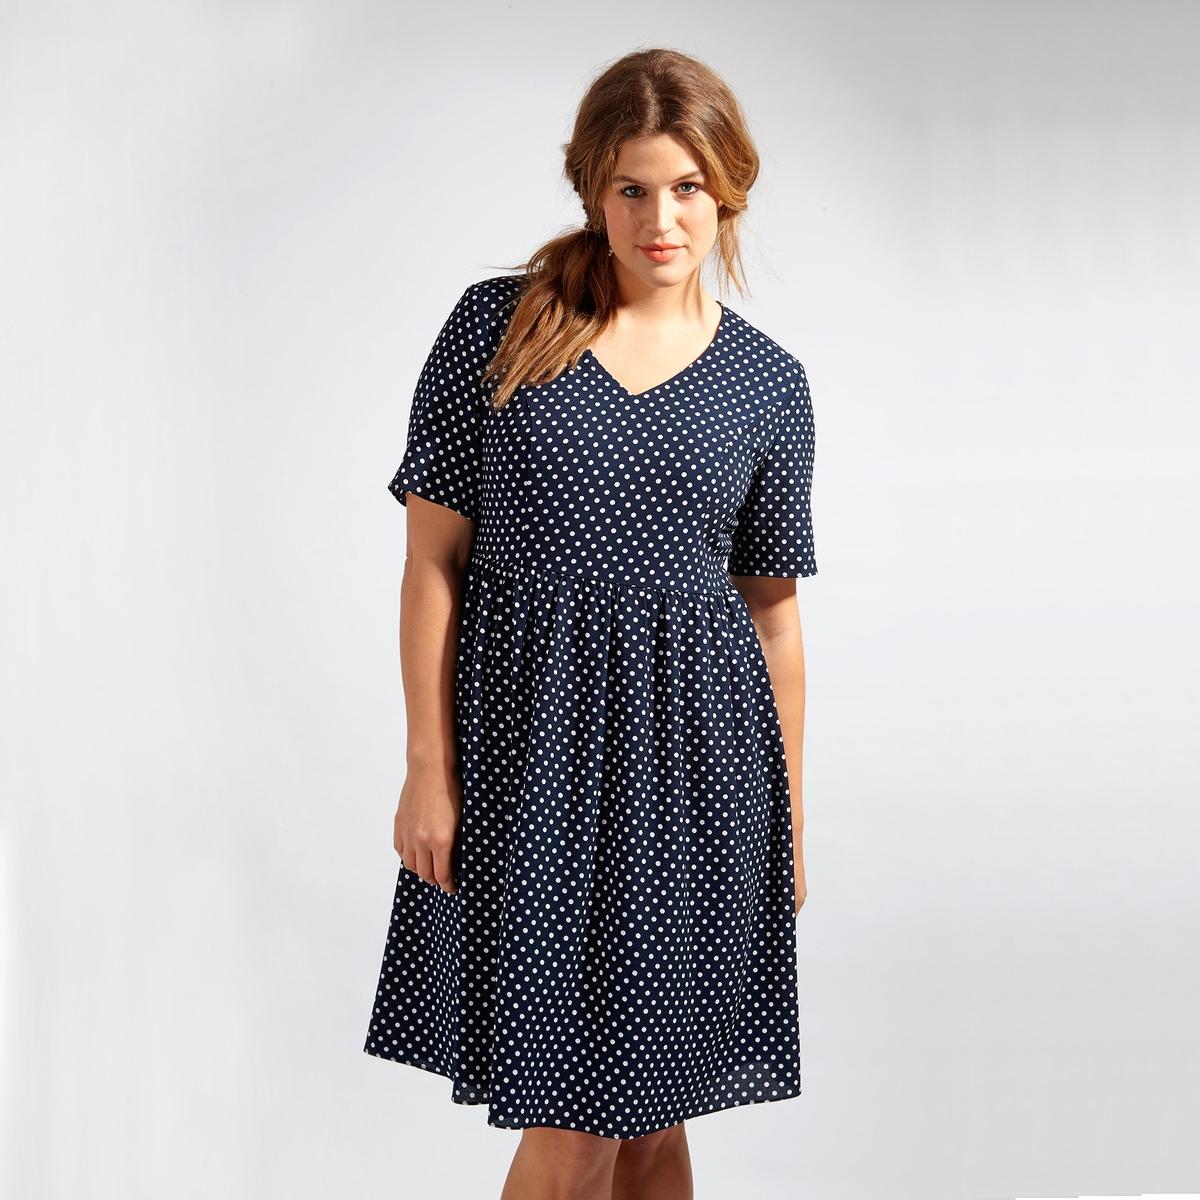 ПлатьеПлатье с короткими рукавами LOVEDROBE. V-образный вырез. Длина до колен. Застежка на молнию сзади. 100% полиэстер<br><br>Цвет: в горошек<br>Размер: 54/56 (FR) - 60/62 (RUS)